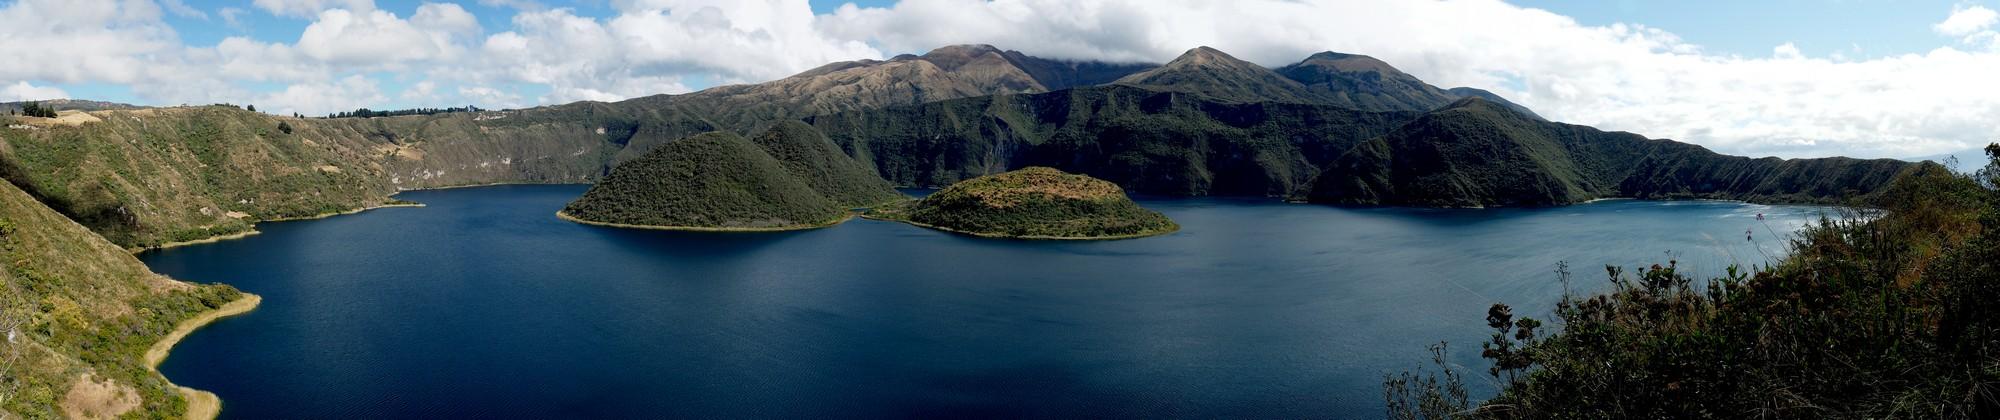 Wunderschöne Cuichocha Lagoon